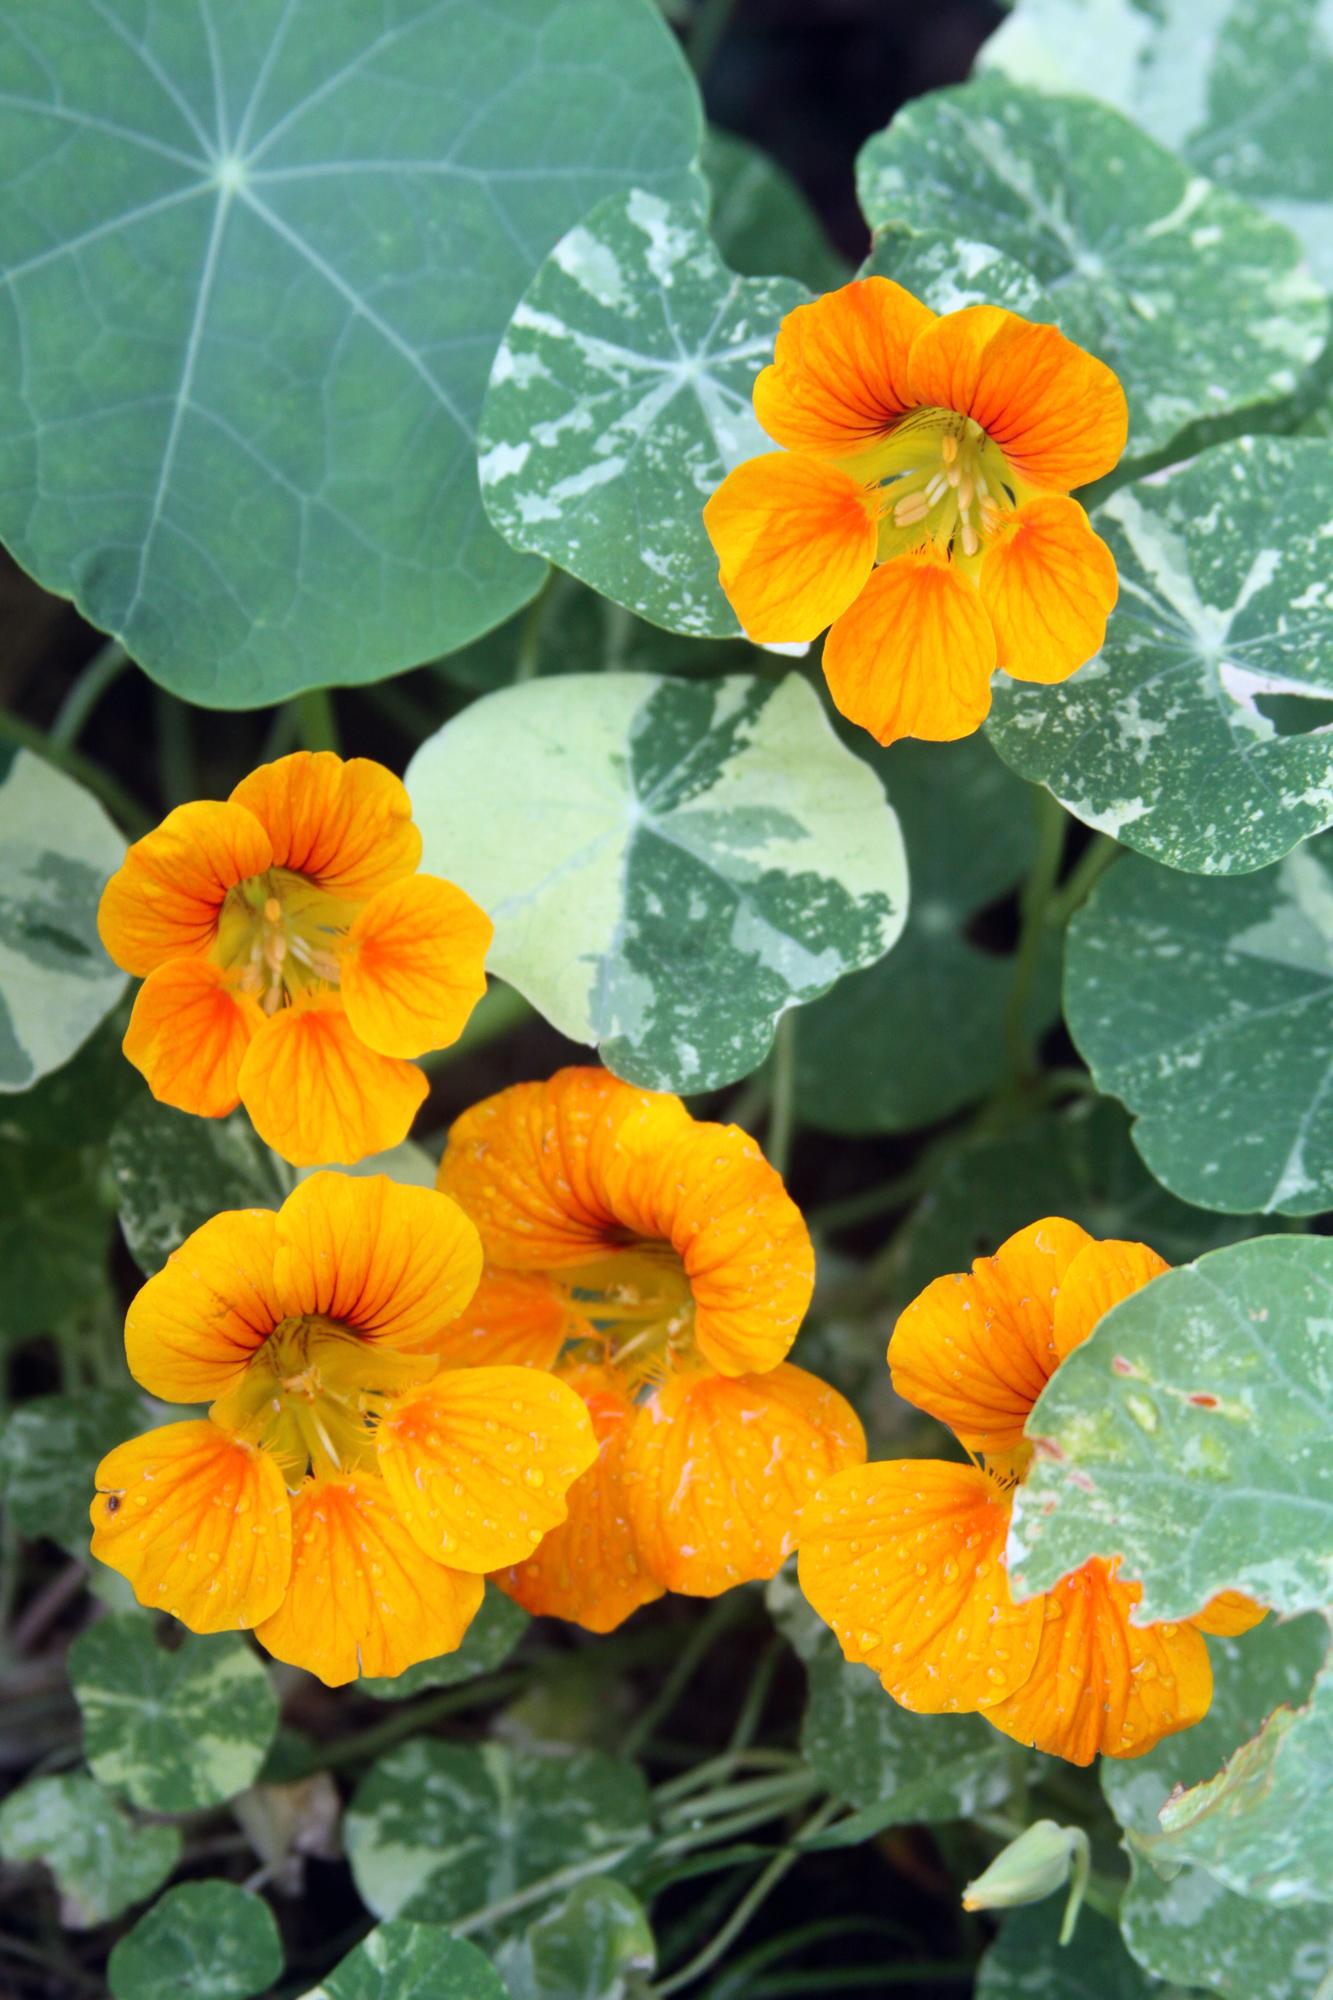 Nasturtiums Blooming in My Garden